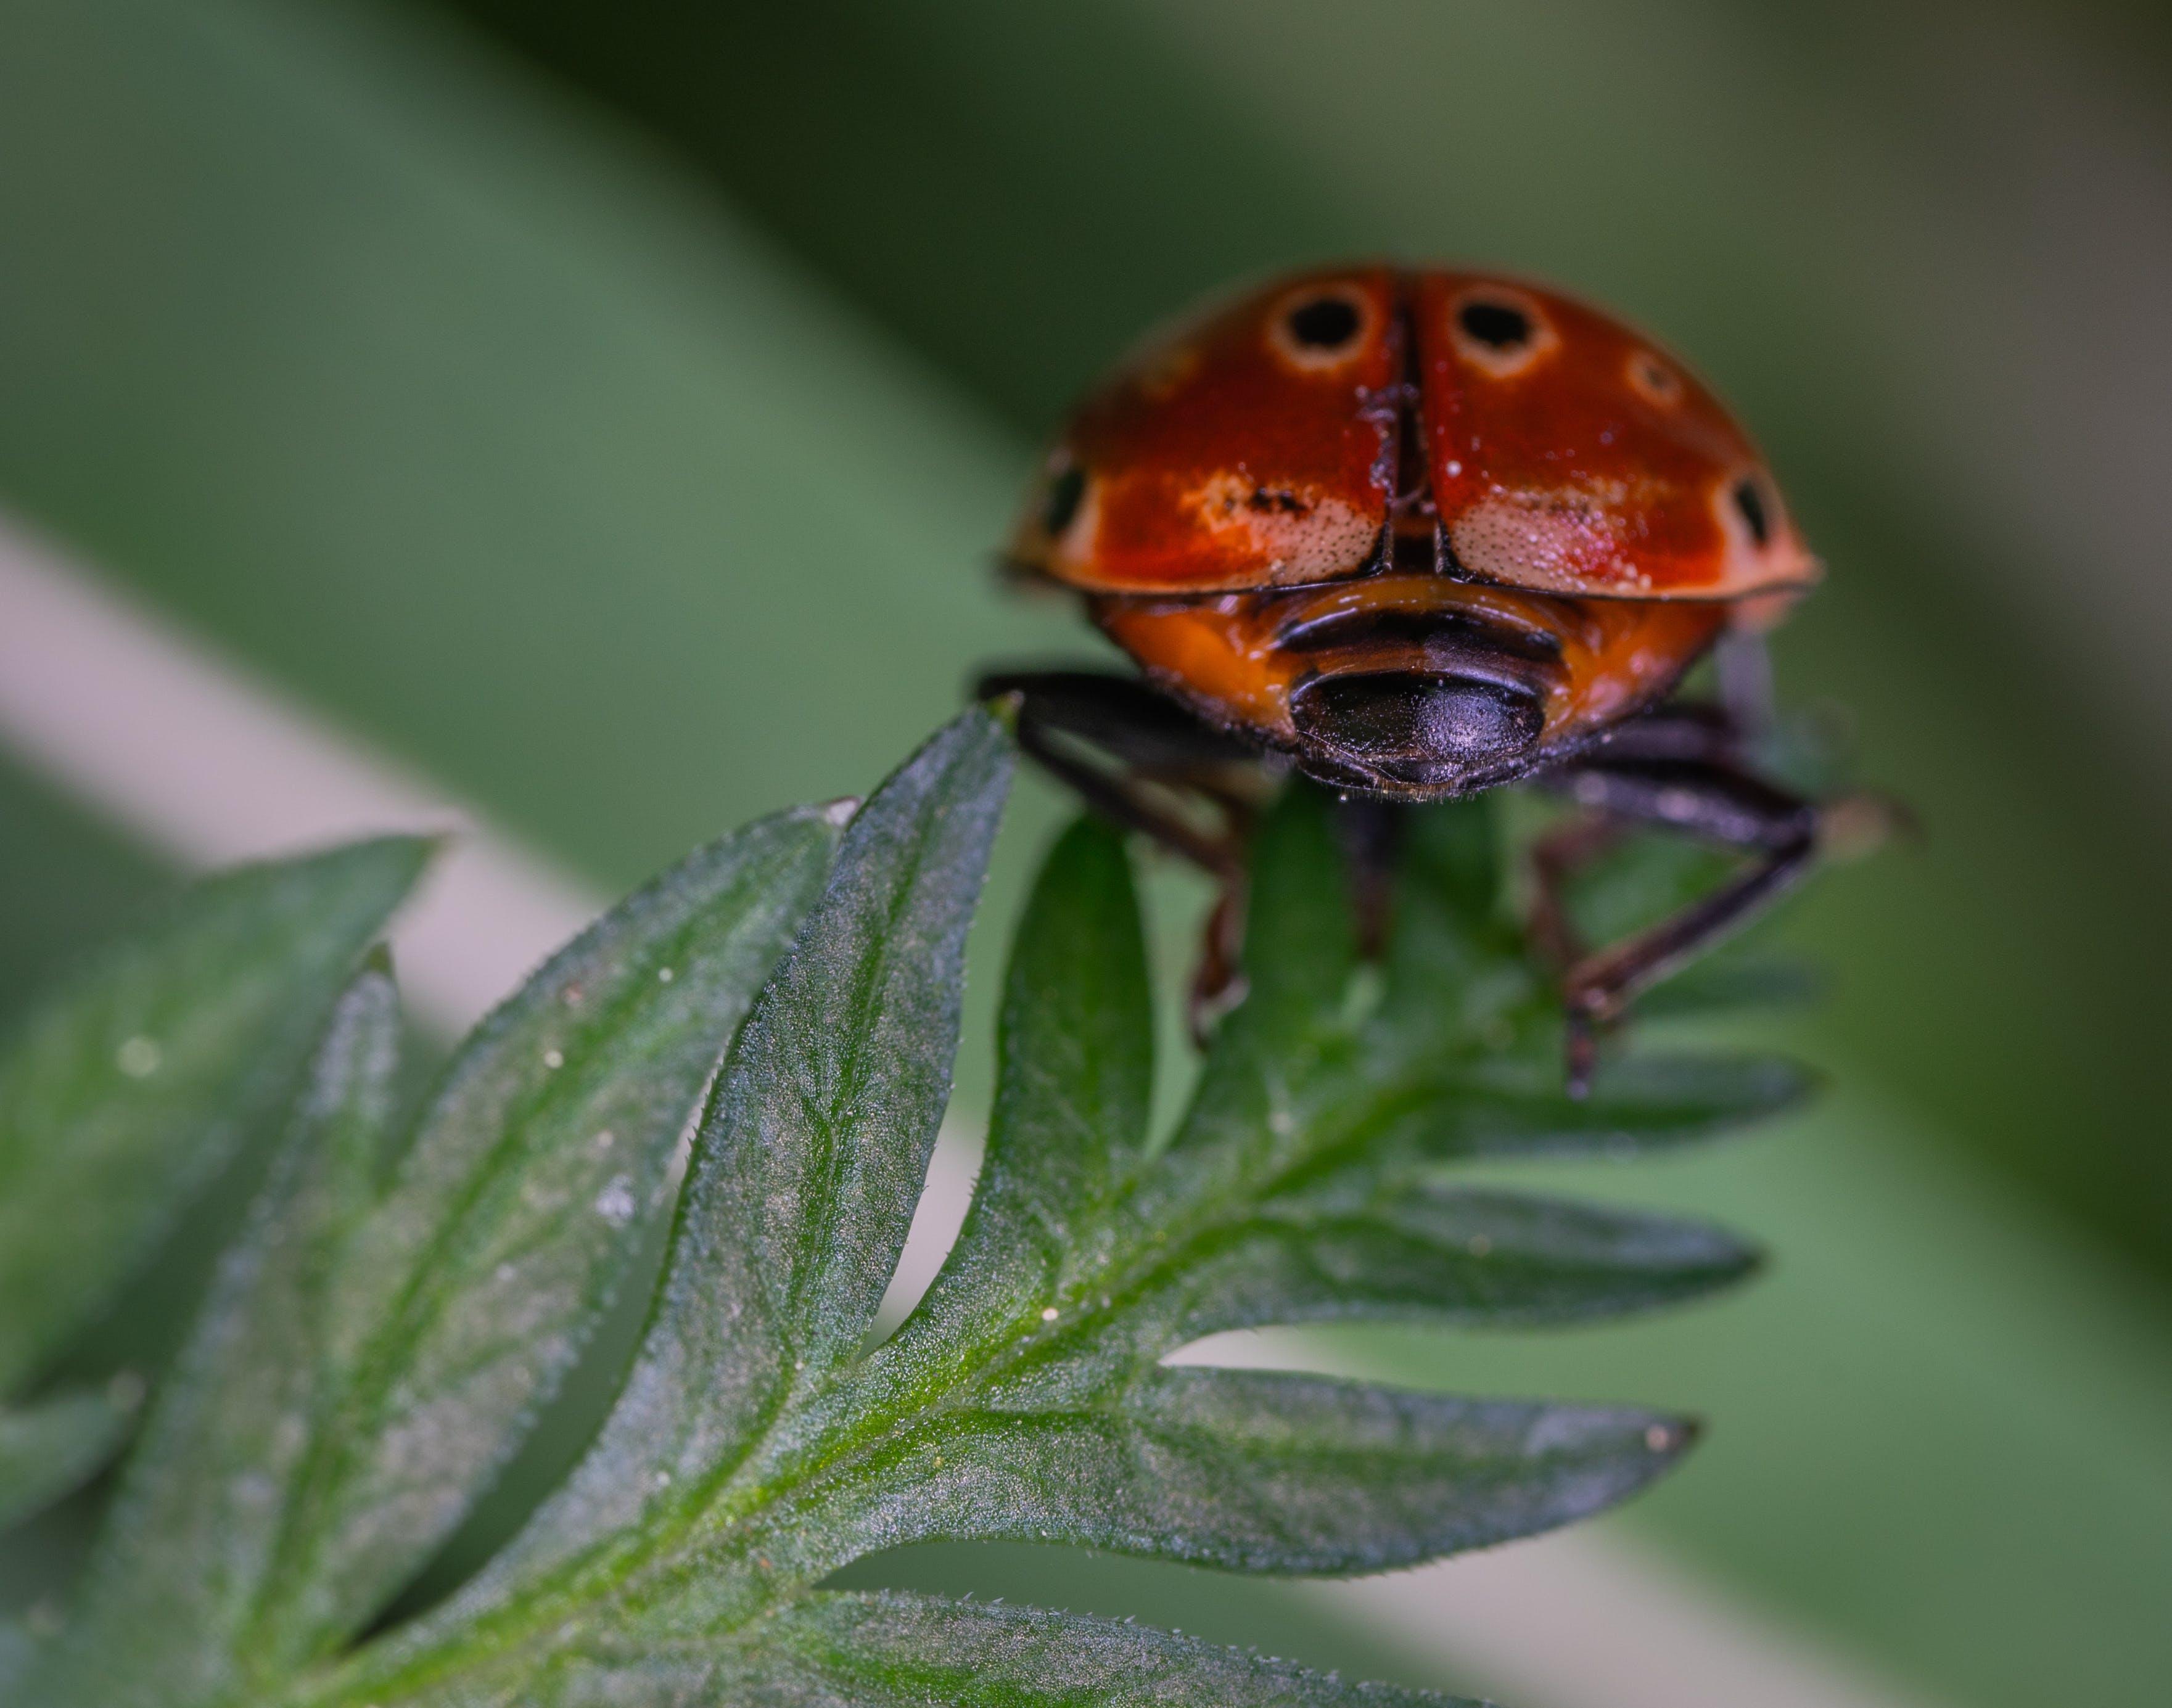 Gratis lagerfoto af Bille, close-up, farve, græs